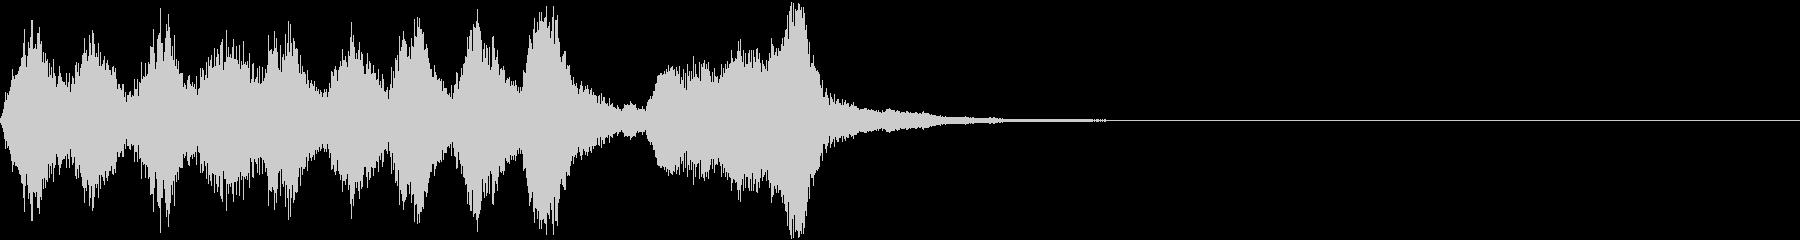 明るく可愛らしい管弦楽のジングルの未再生の波形